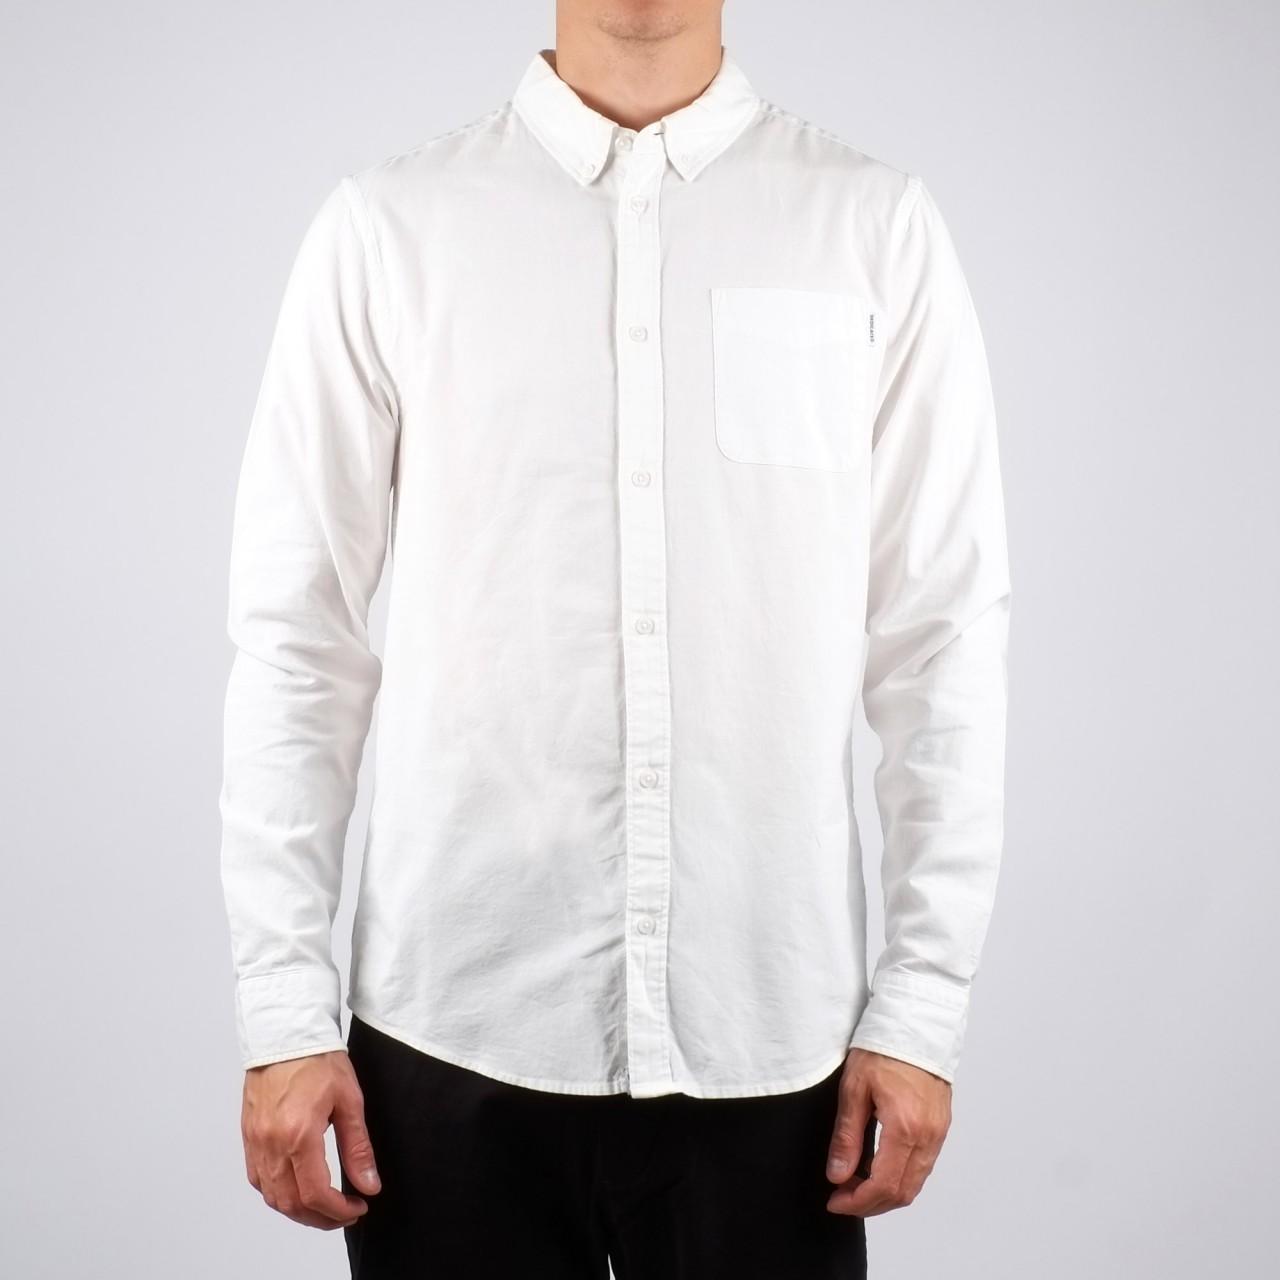 Varberg Shirt Plain Off White